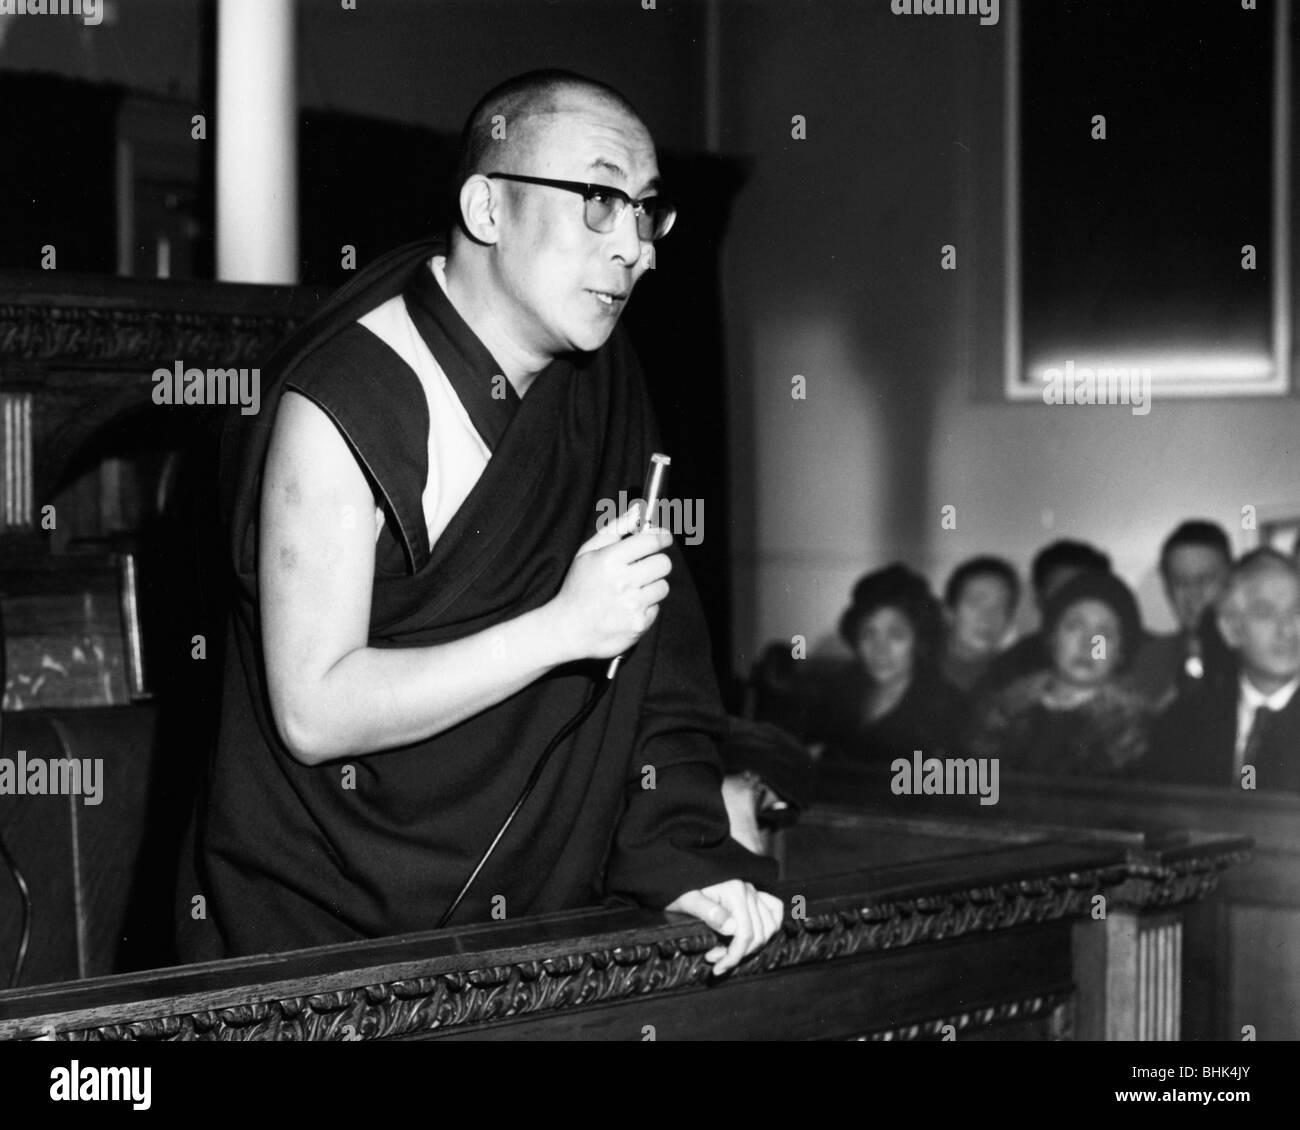 Dalai Lama, the 14th Dalai Lama of Tibet, 1973. - Stock Image